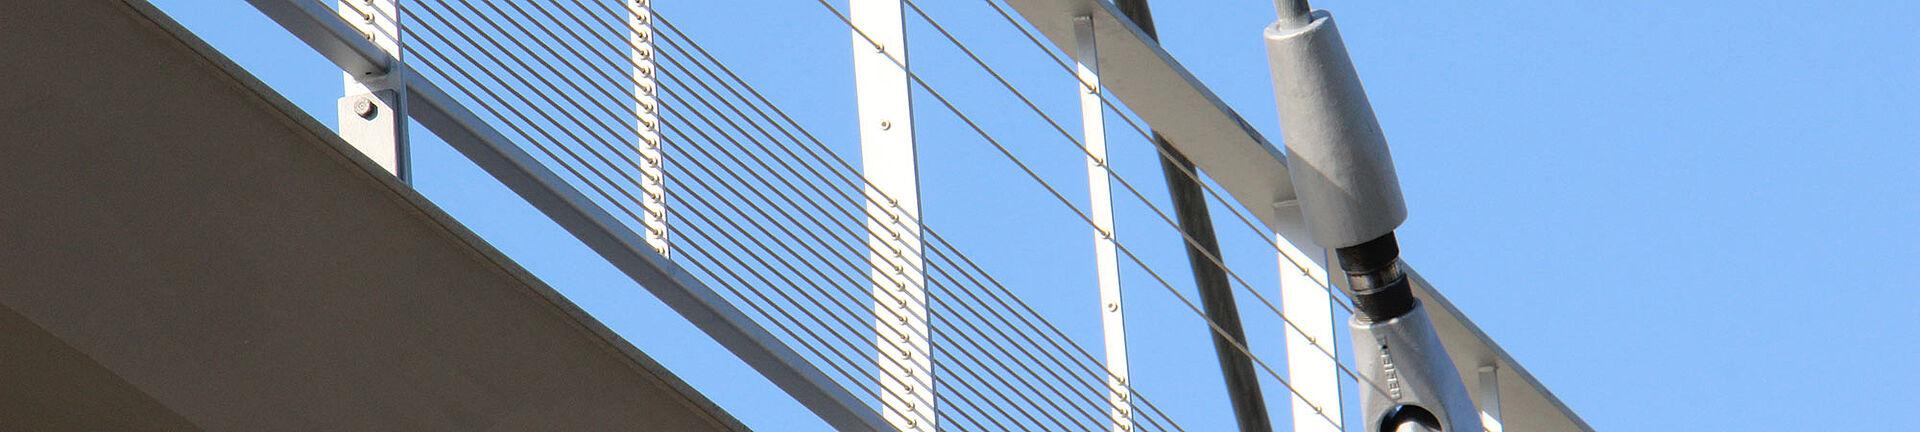 Brückengeländer I-SYS Edelstahl-Seilsystem